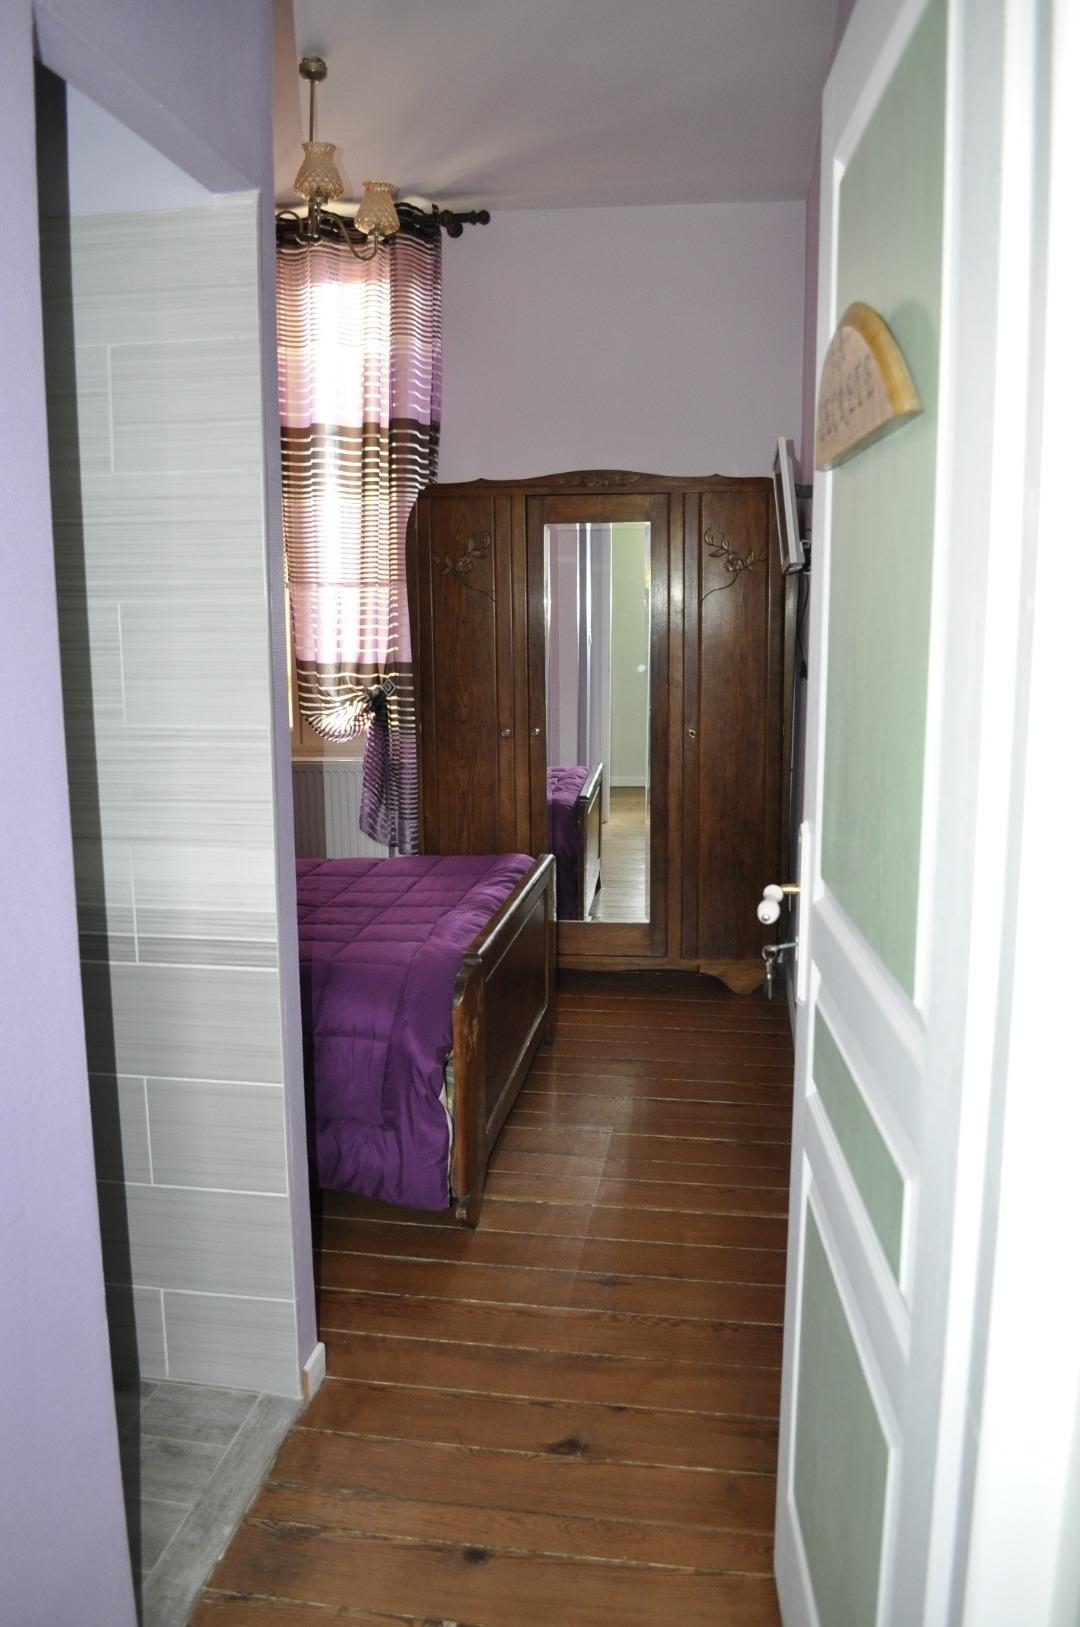 Location de chambres d'hôtes à côté de Bordeaux